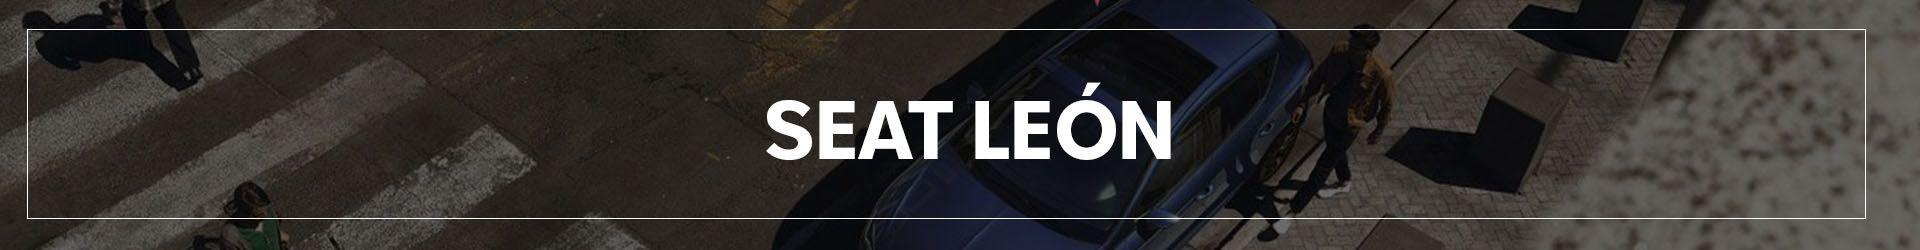 Seat Leon cabecera